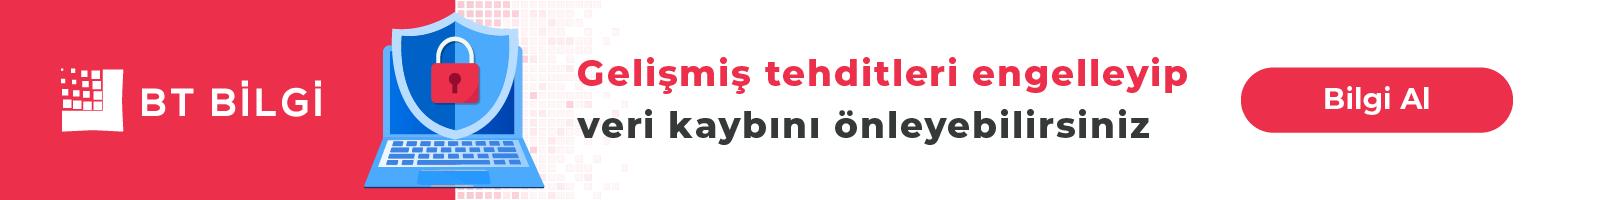 gtb_veri_koruma_dlp